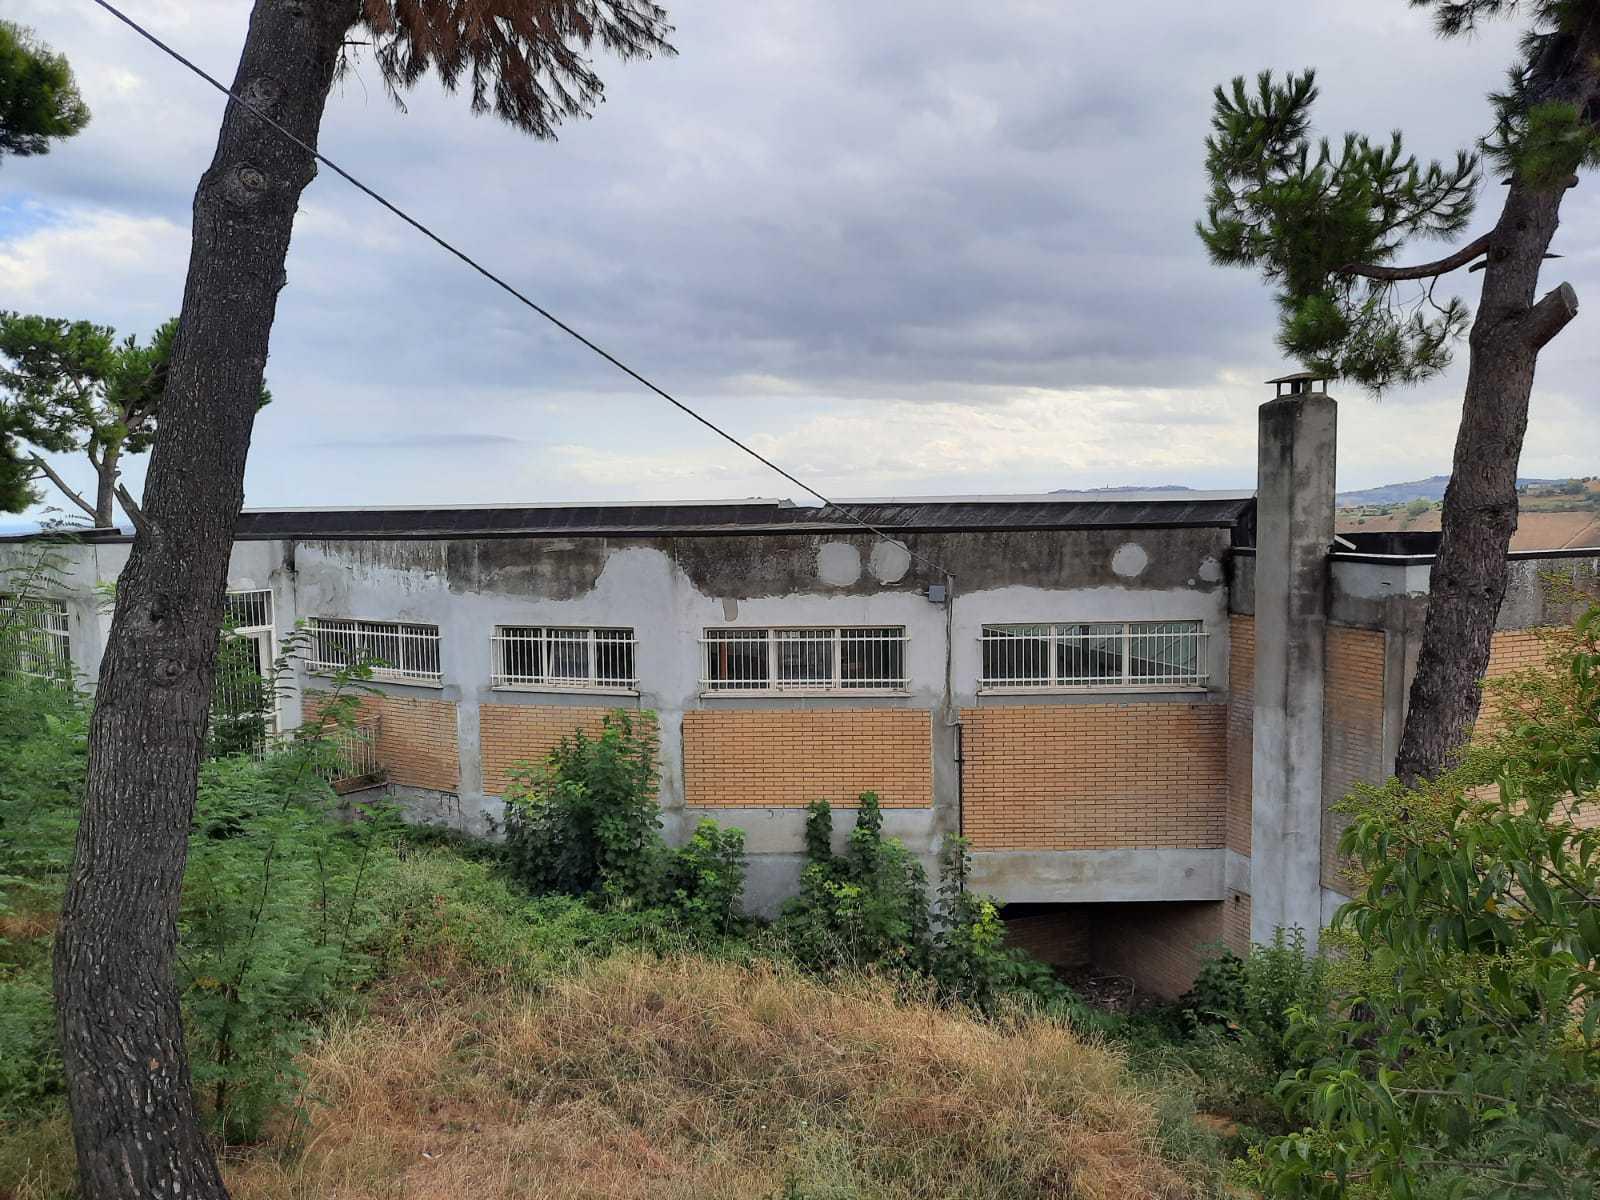 Qualità dell'abitare, a Pineto 400mila euro per riconversione e rifunzionalizzazione dell'ex scuola di Mutignano